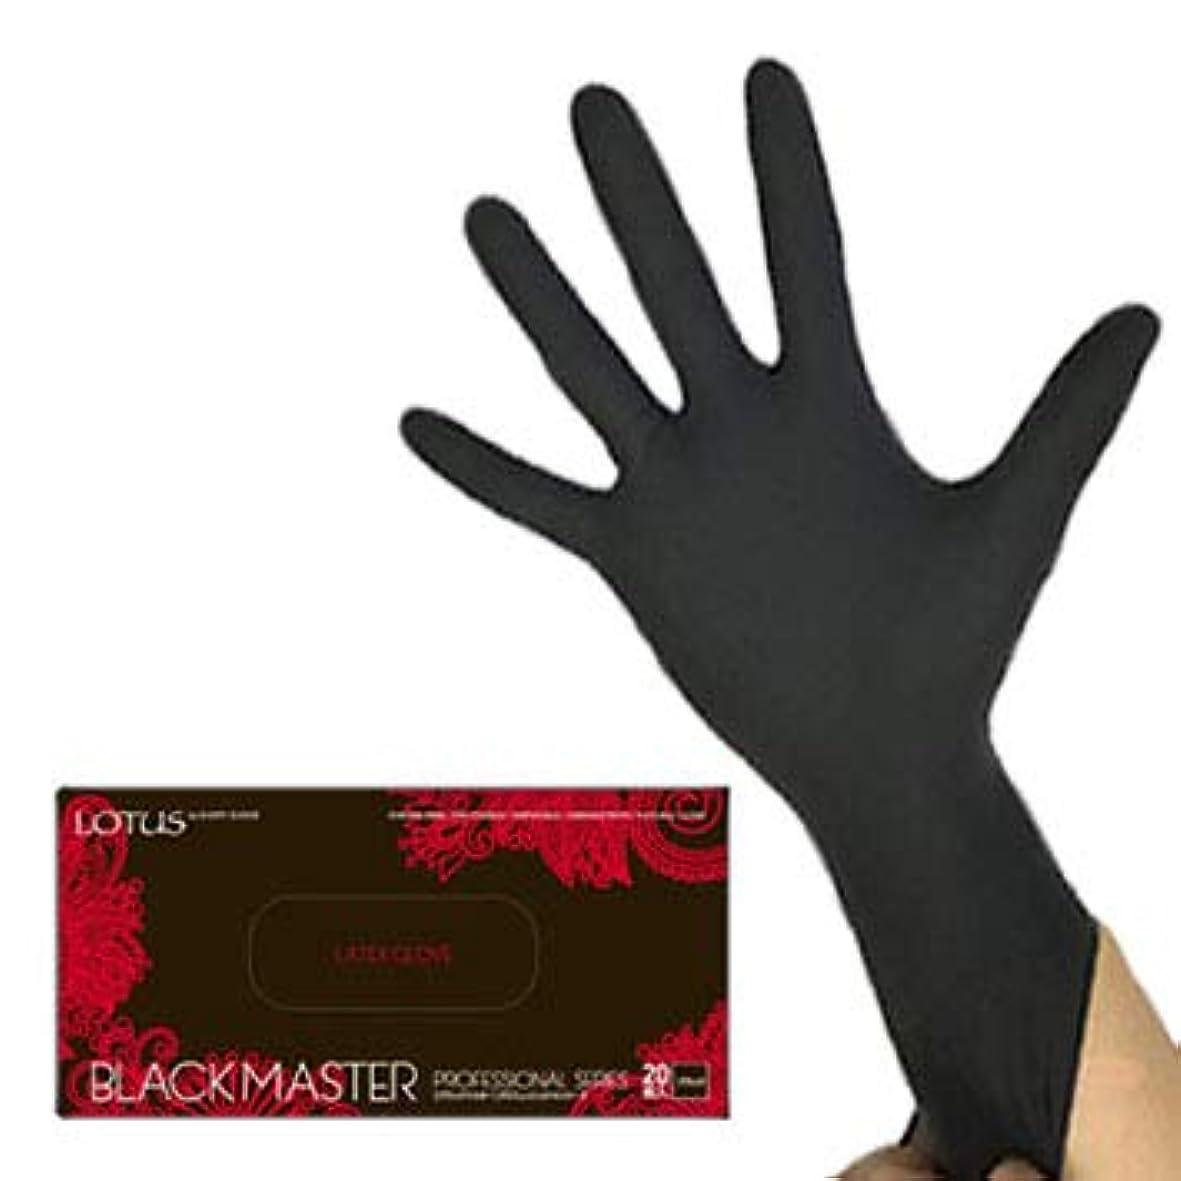 効果的ジャンクシェア(ロータス)LOTUS ブラックマスターレッド (ラテックス グローブ ロングタイプ 29cm 厚手 左右兼用 20枚入) (M)